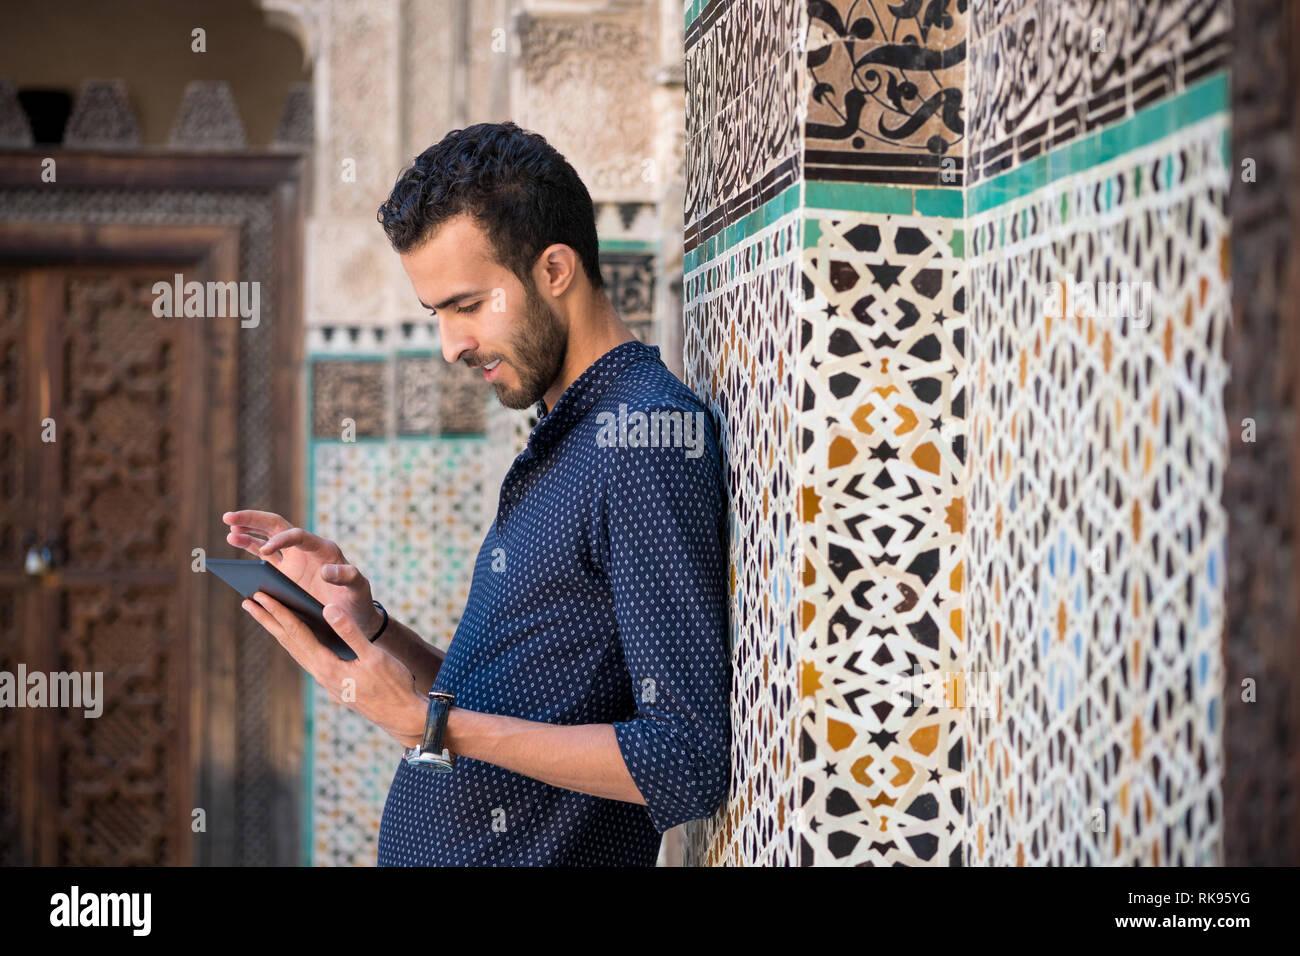 Joven musulmلn en ropa casual y sonriente trabaja en Tablet en ambiente árabe tradicional Imagen De Stock